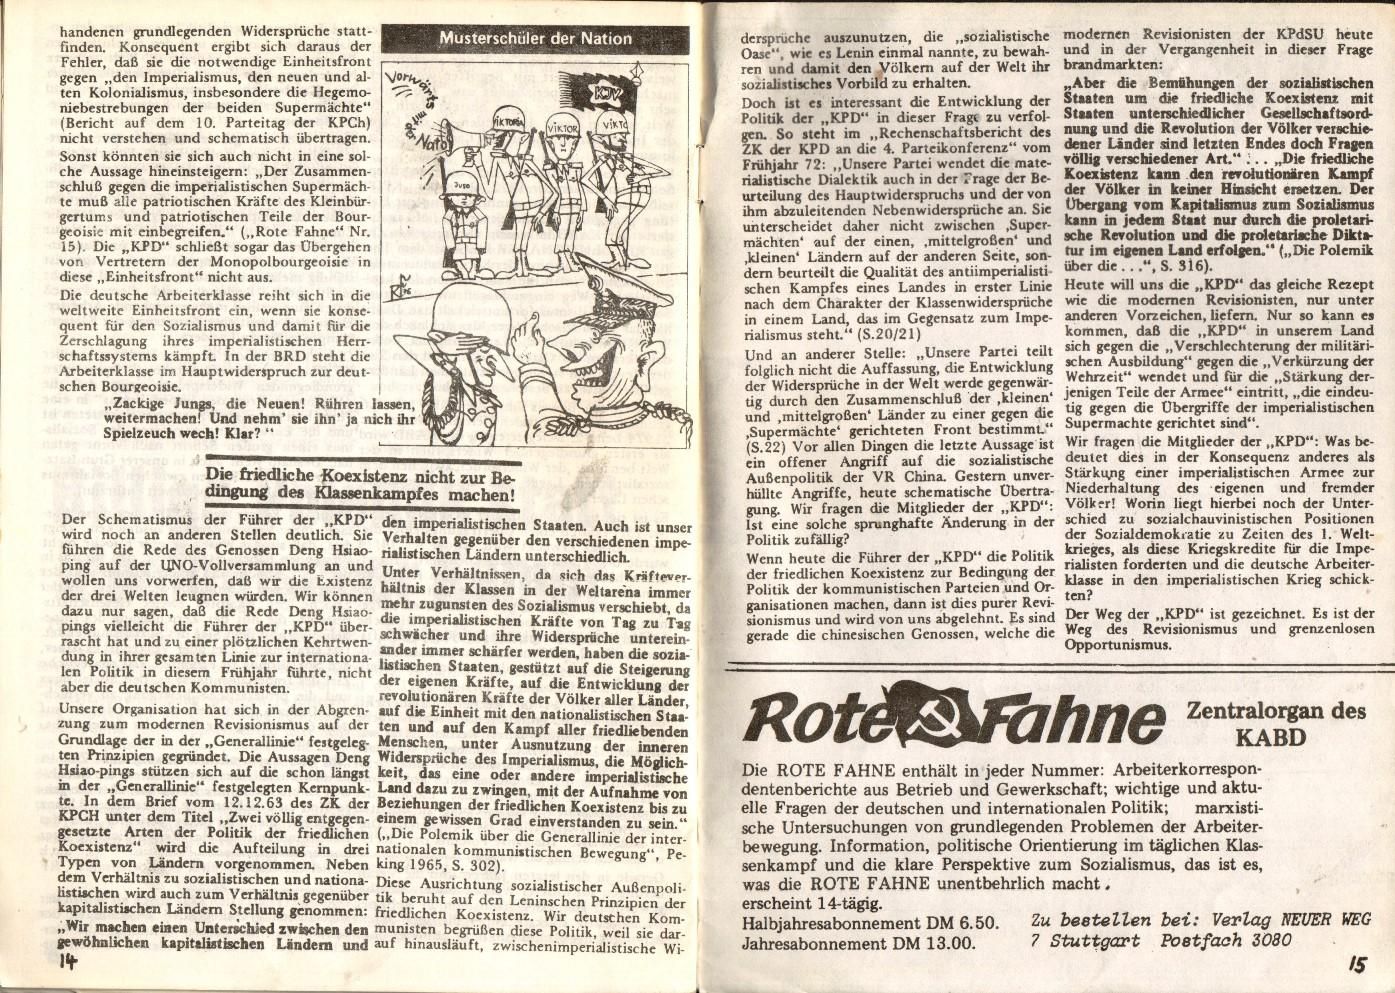 Frankfurt_KABD_1975_Kriegsgefahr_und_Klassenkampf_08